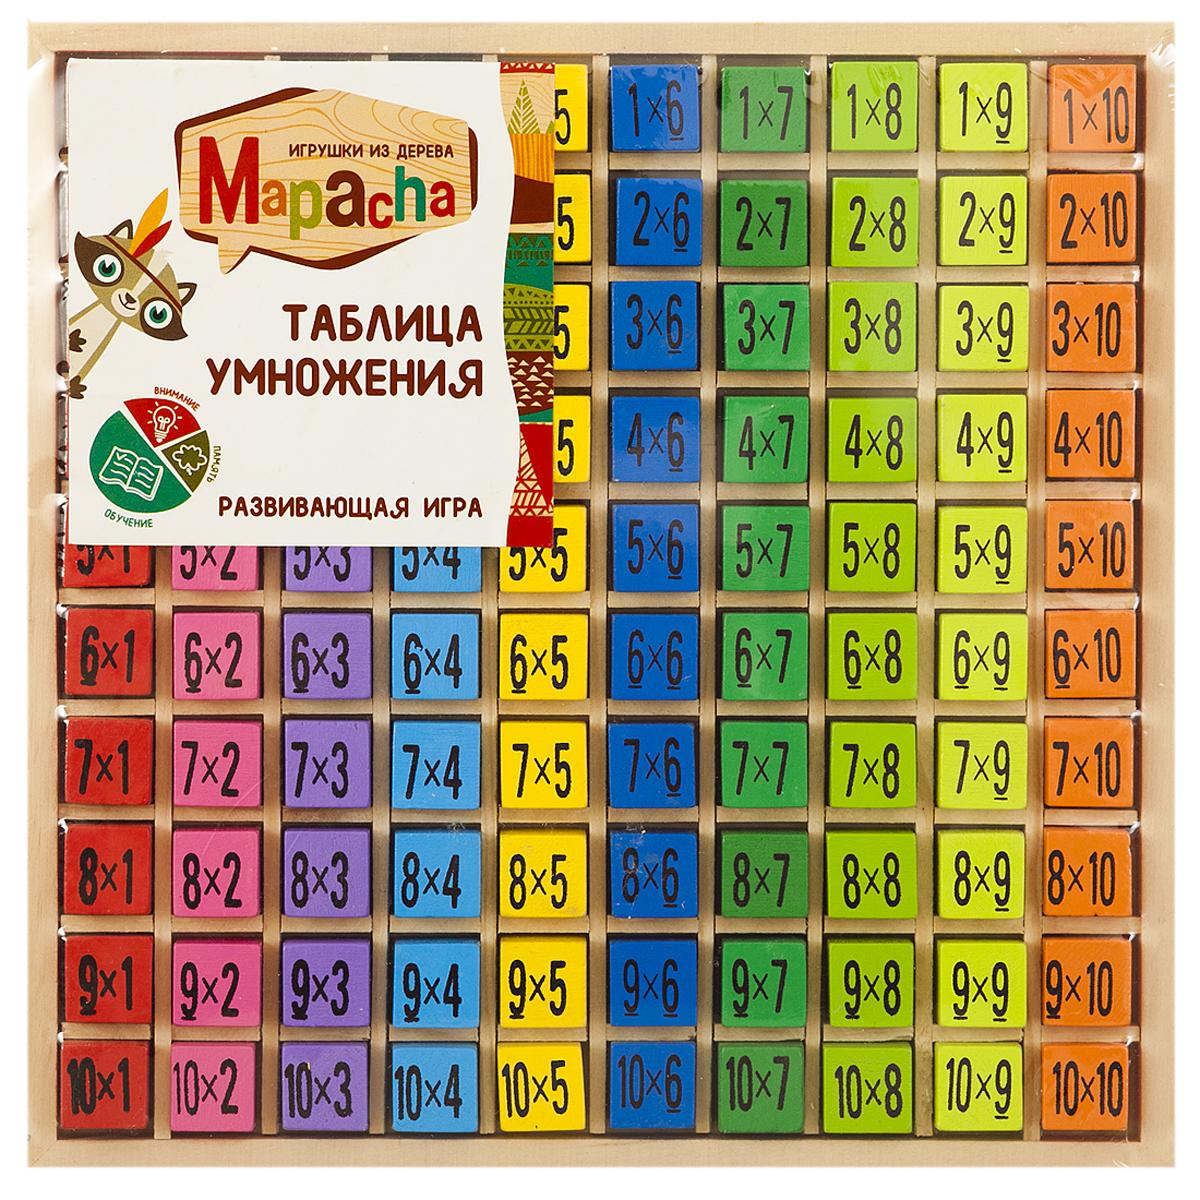 Mapacha Развивающая игра Таблица умножения развивающая игра таблица умножения